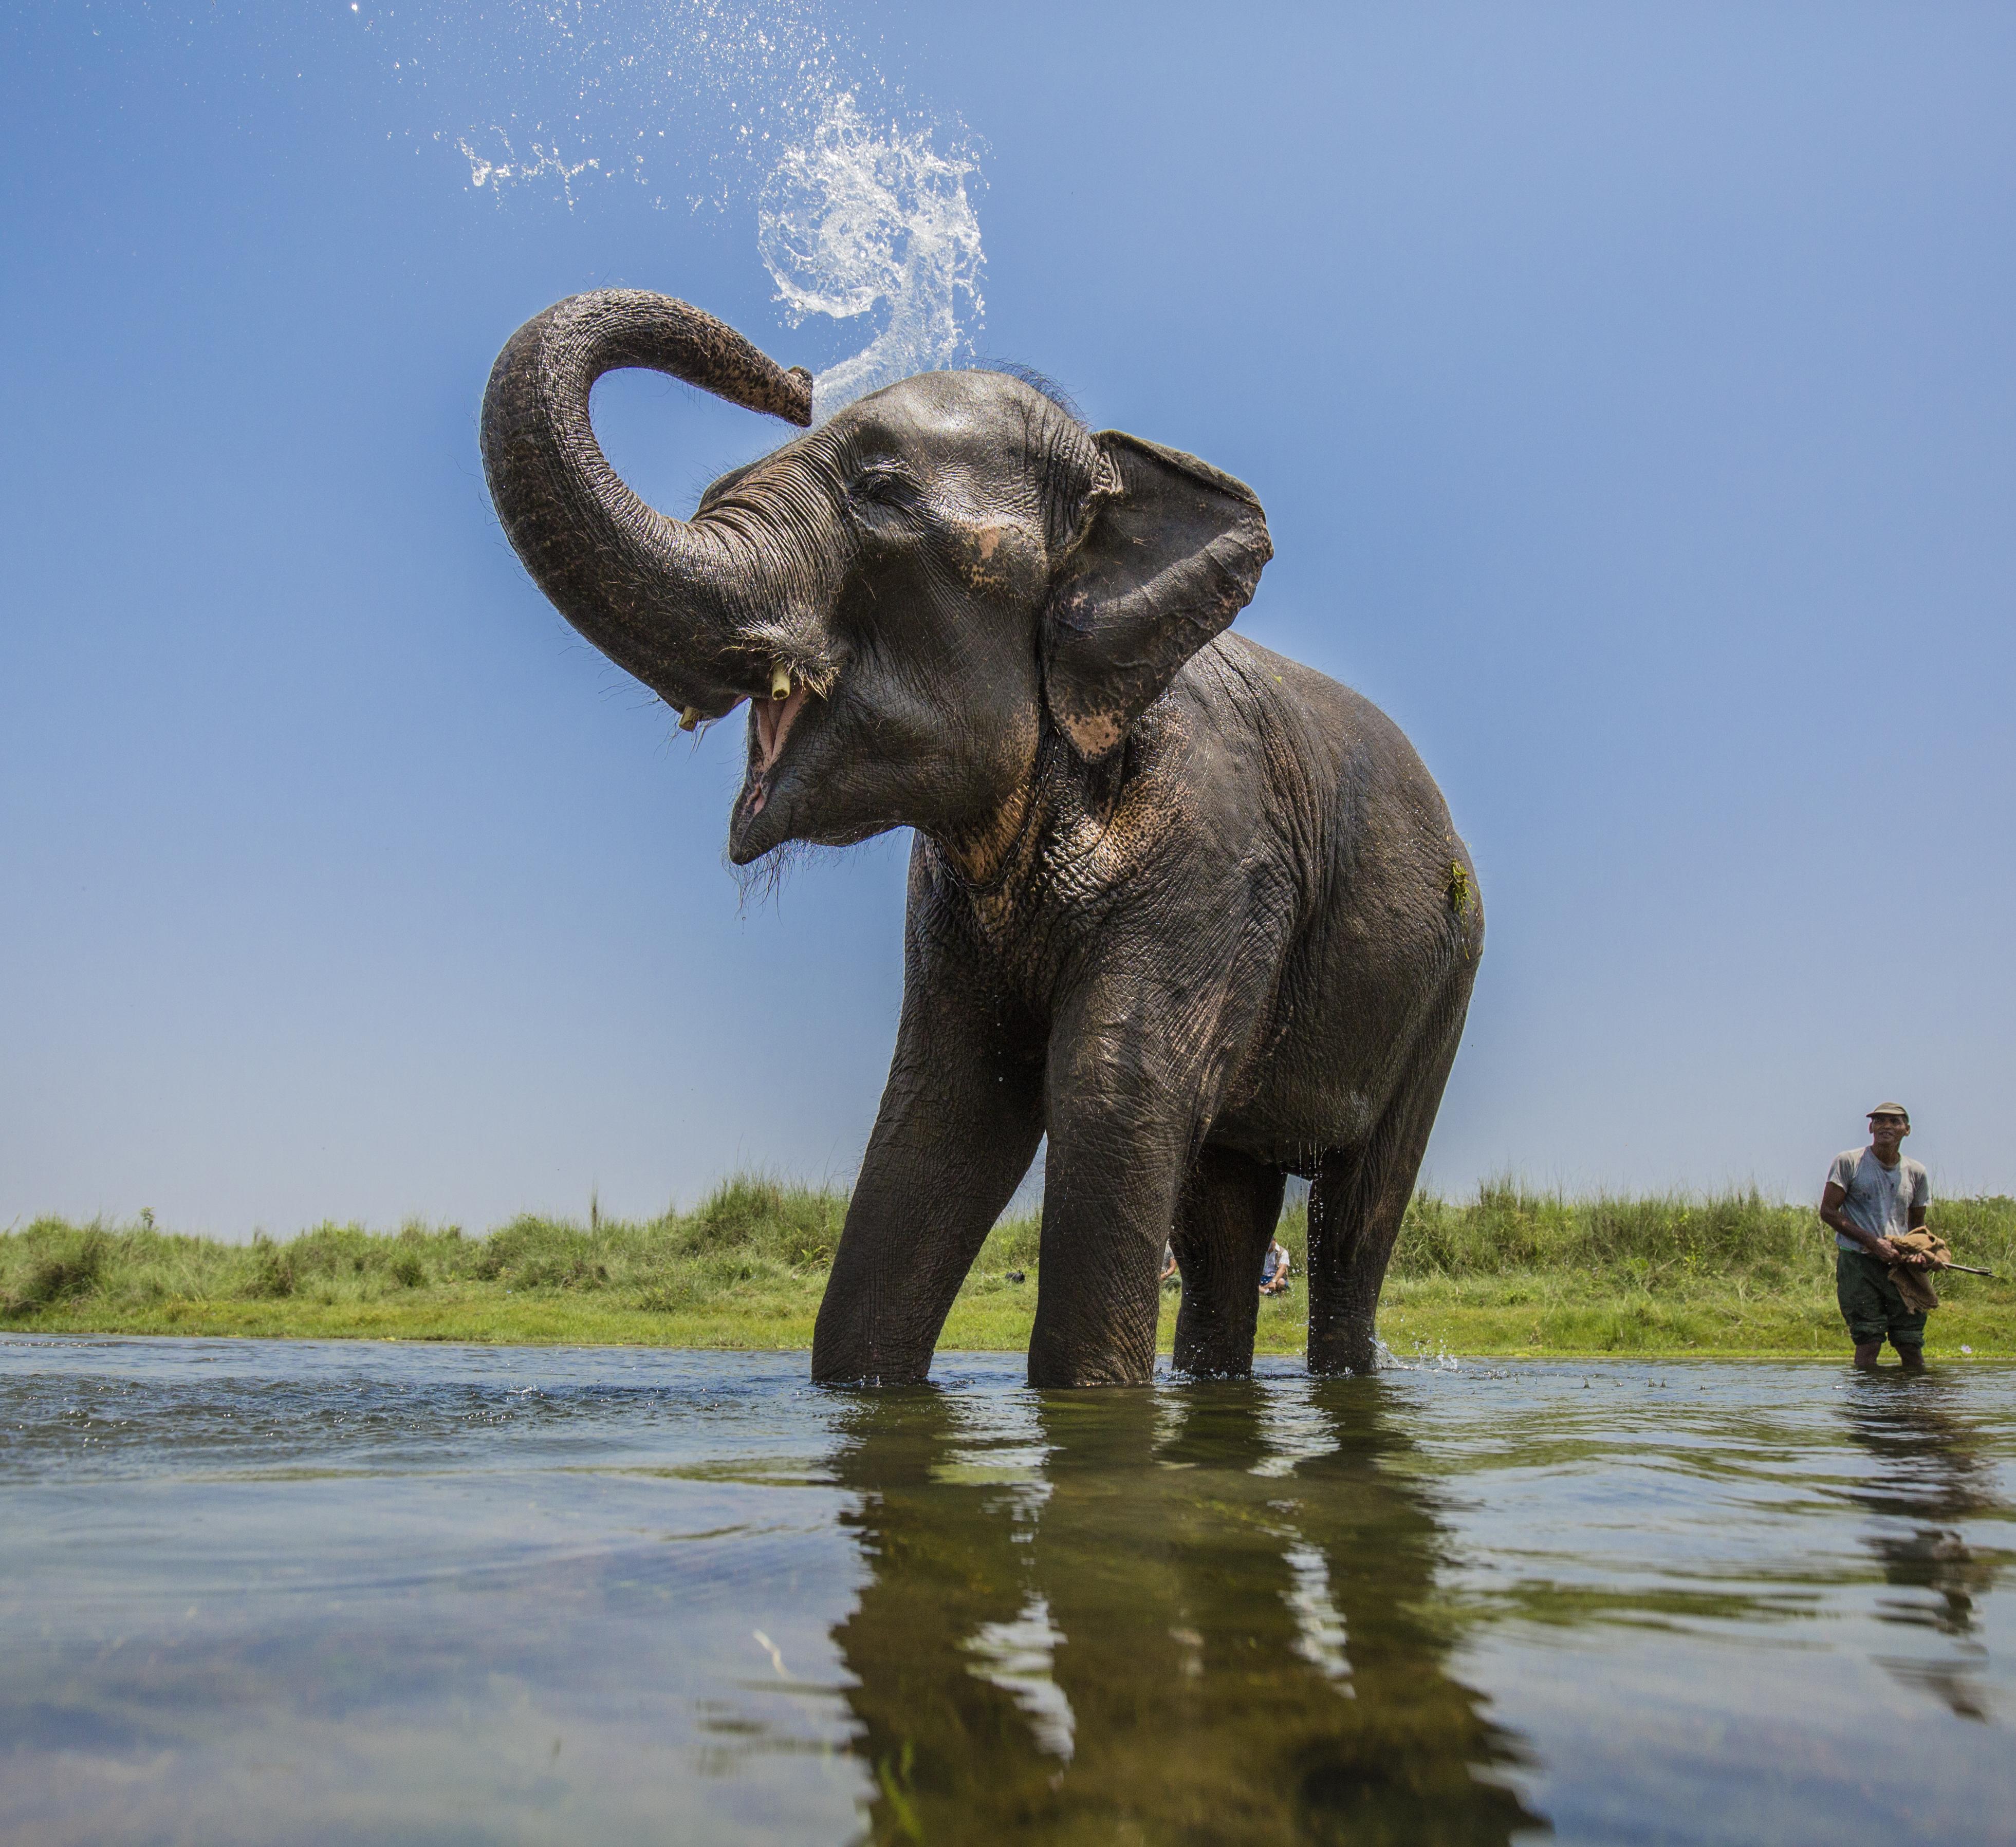 20150423_5DM3_WWF_NEPAL_2746